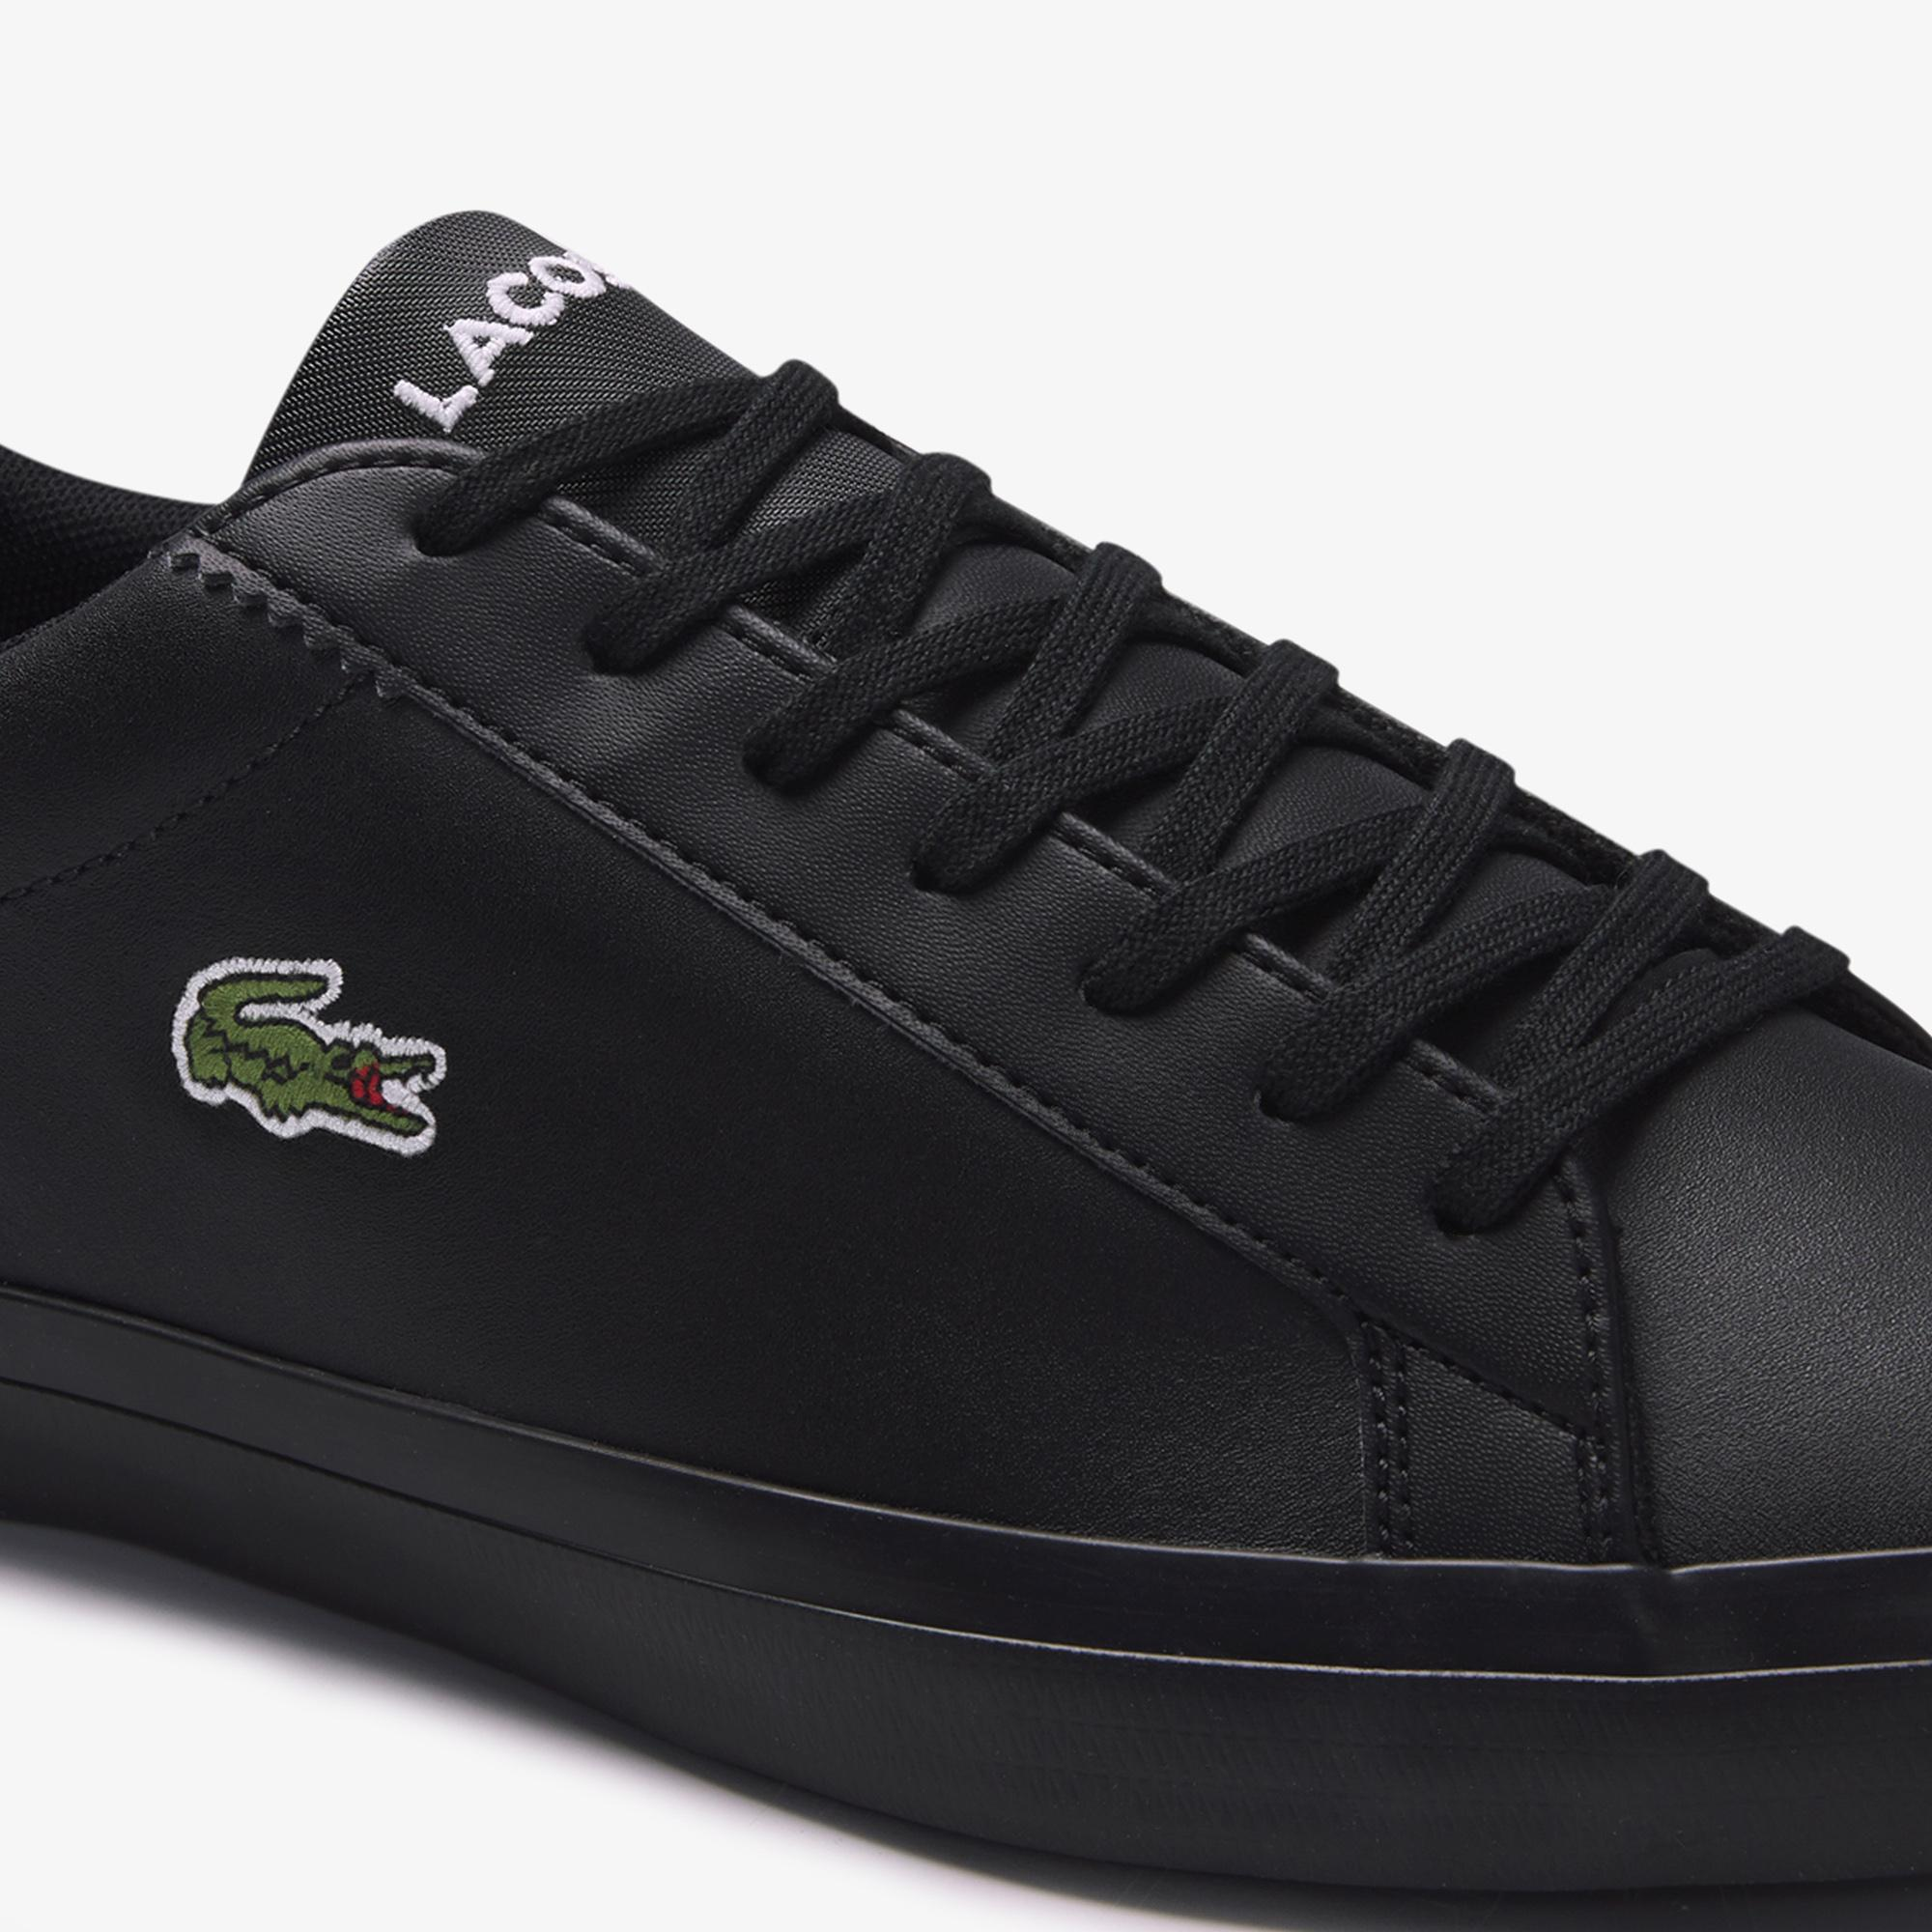 Lacoste Men's Lerond 0120 1 Cma Shoes